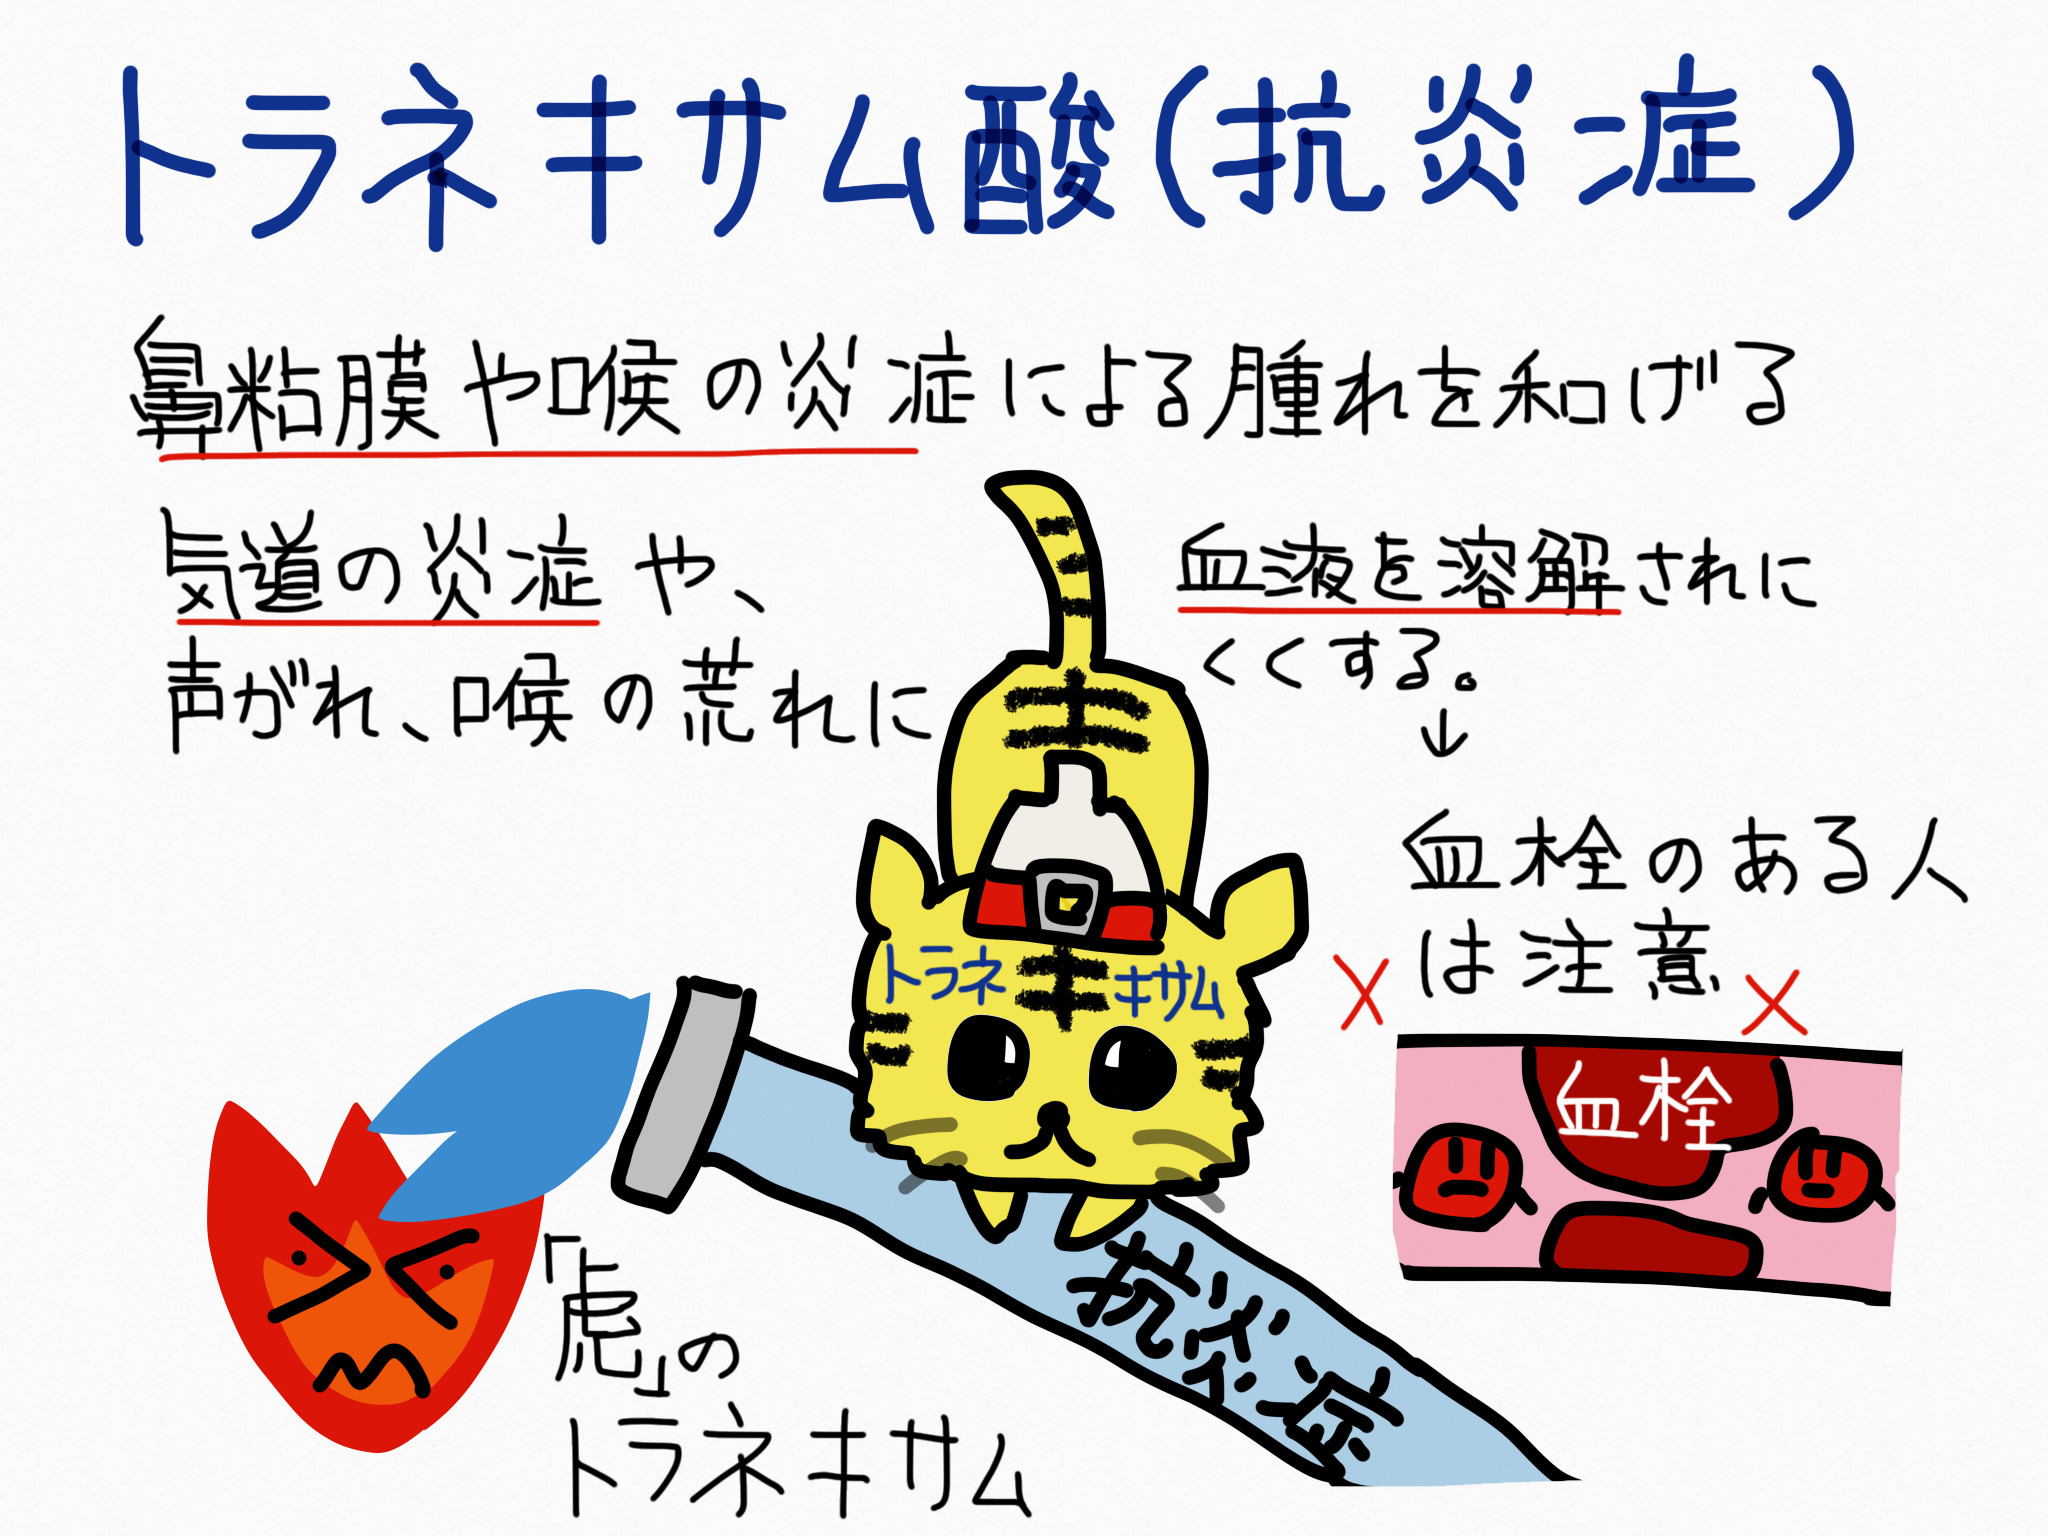 トラネキサム酸・抗炎症成分の覚え方